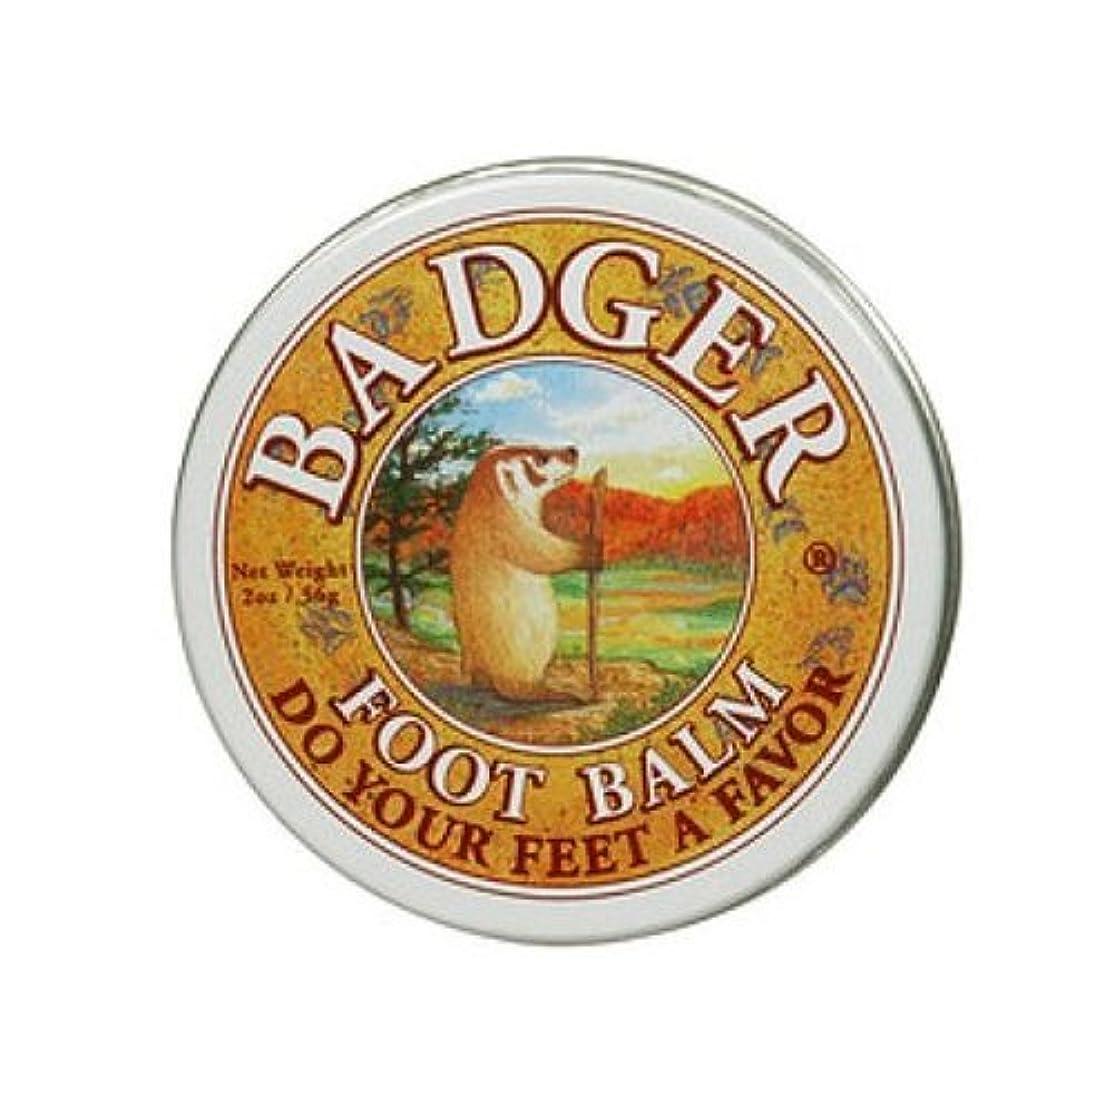 最初にハッチヘッジBadger バジャー オーガニックフットクリーム ペパーミント & ティーツリー【小サイズ】 21g【海外直送品】【並行輸入品】